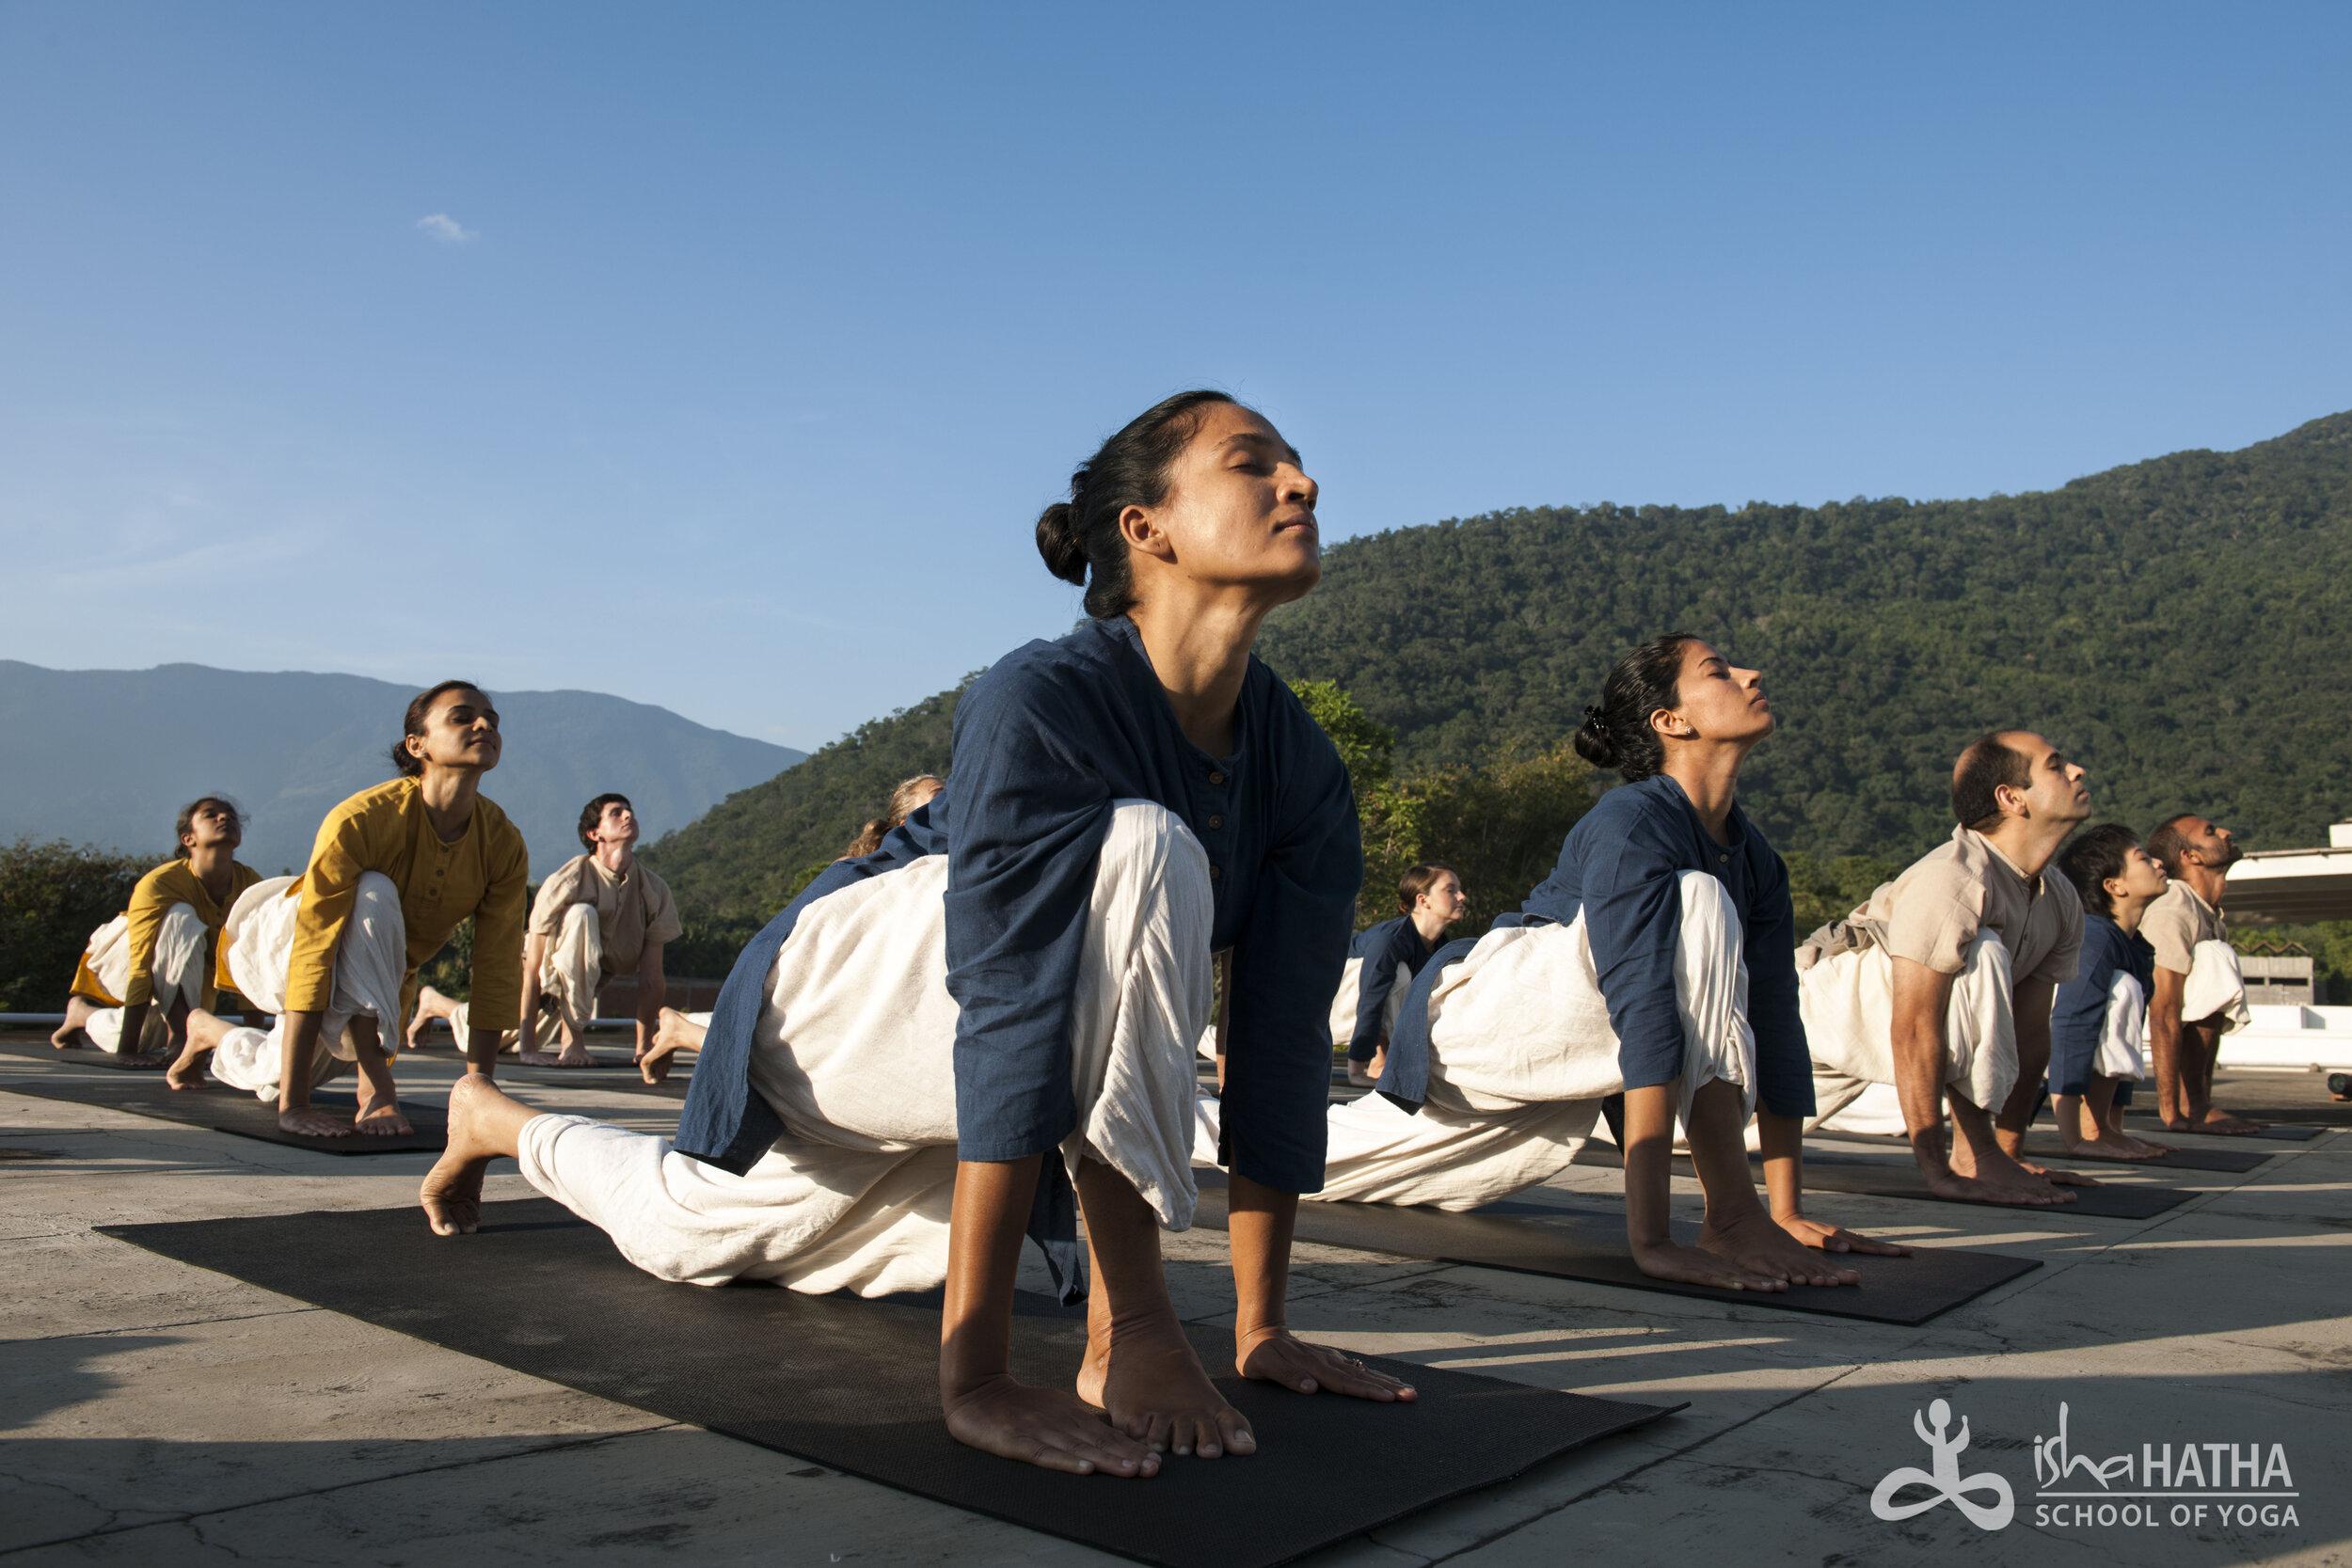 Surya Kriya Isha Hatha Yoga Hanahatha Yoga